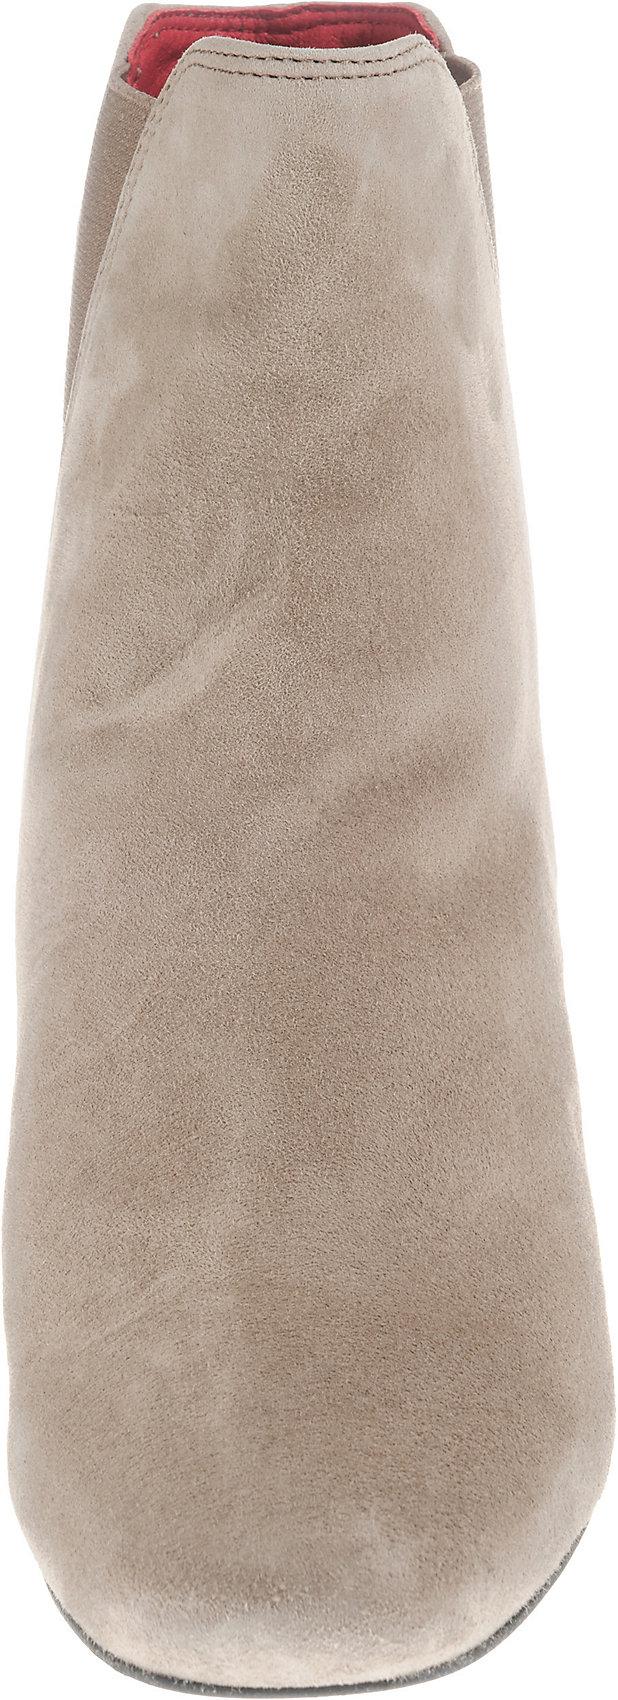 Stiefeletten Neu Buffalo Klassische Damen Zu Details Beige Für 8760939 LqMSzGpUV